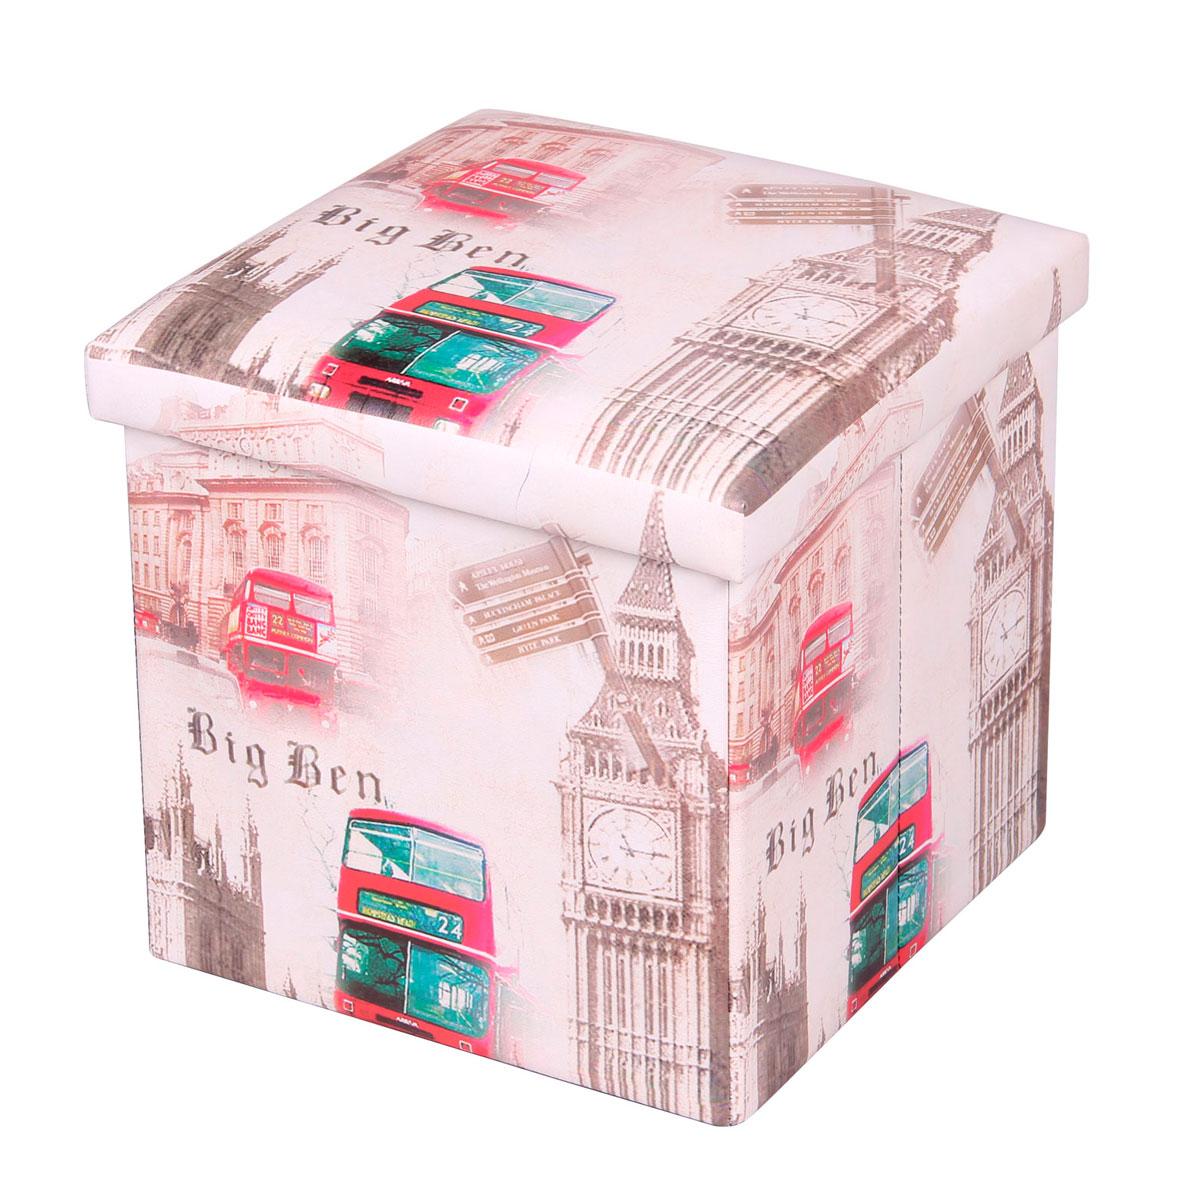 Пуф-короб для xранения Miolla, цвет: белый, красный, коричневый, 38 x 38 x 38 см. PSS-13HOM-386Пуф-короб Miolla создан, чтобы сделать хранение вещей не только удобным, но и стильным. Классический Лондон снаружи и внутри идеальное функциональное пространство для хранения необходимых мелочей и аксессуаров. Несмотря на внешне компактные размеры, пуф-короб очень вместителен и определенно станет незаменимой вещью в любом доме.Размер: 38 x 38 x 38 см.